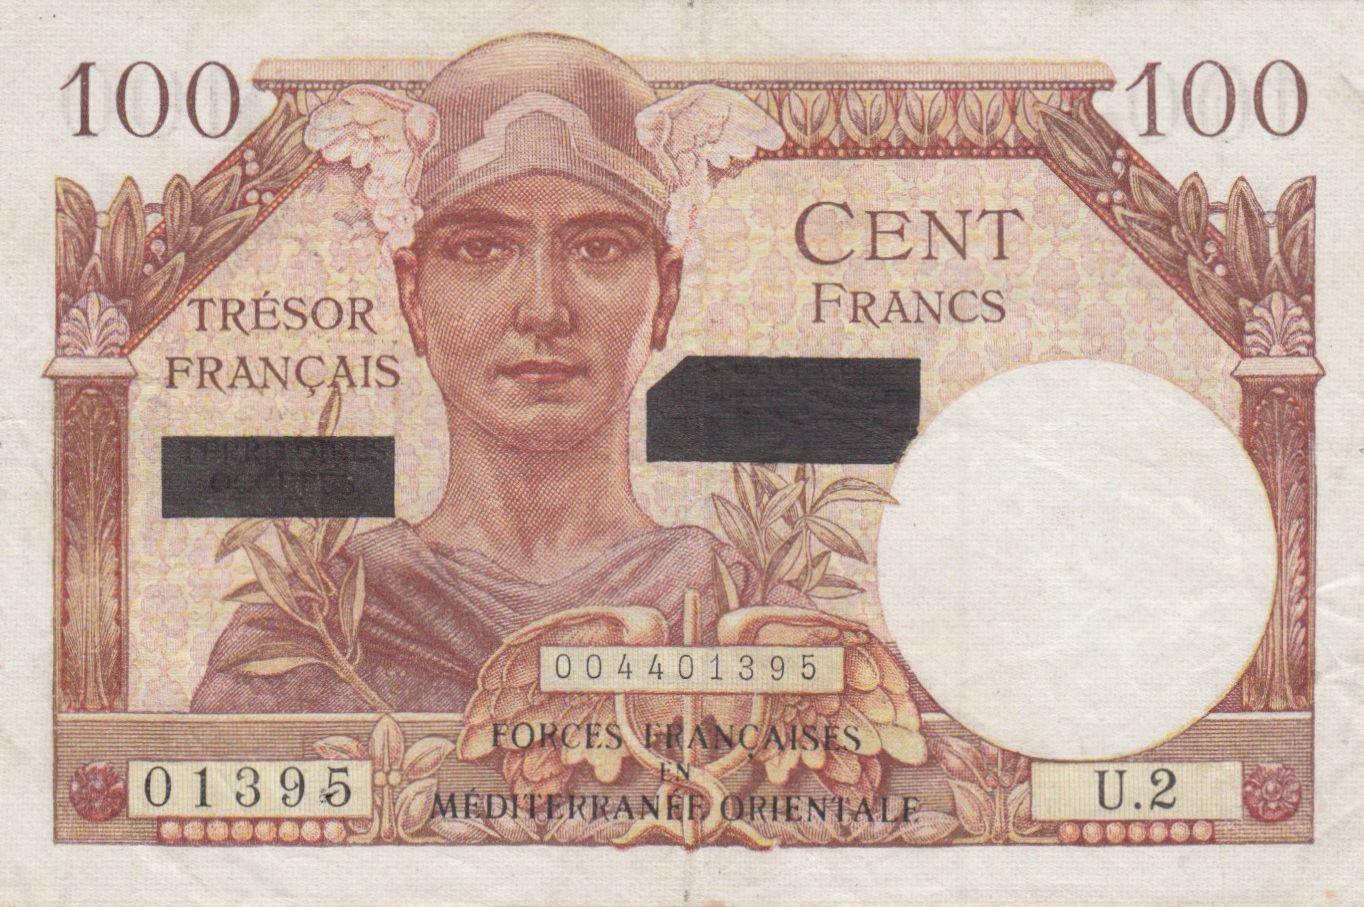 France 100 Francs Mercure, Trésor Français -  Suez 1956 - Série U.2 - SUP